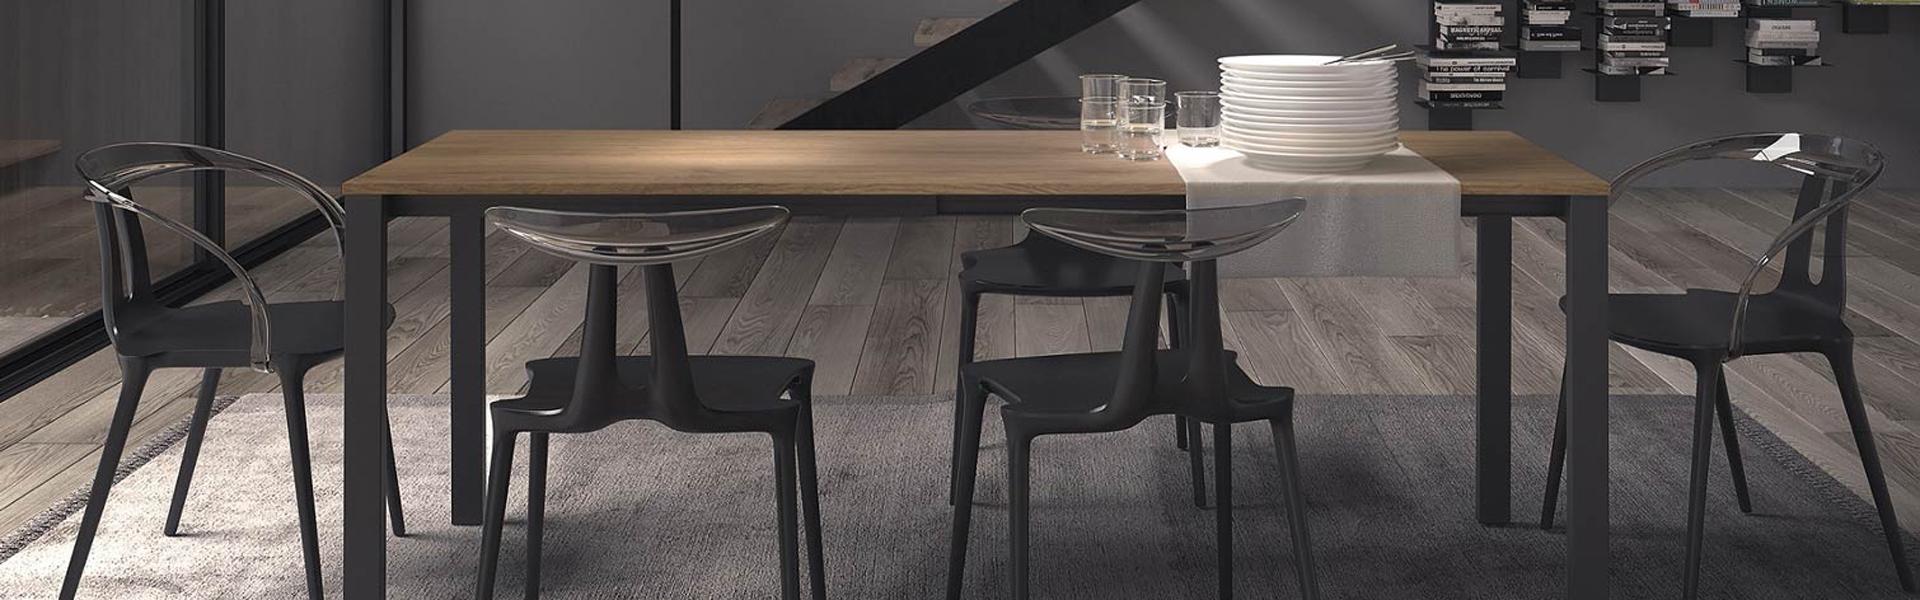 Tavoli e sedie per la sala da pranzo - Miotto Casa Showroom